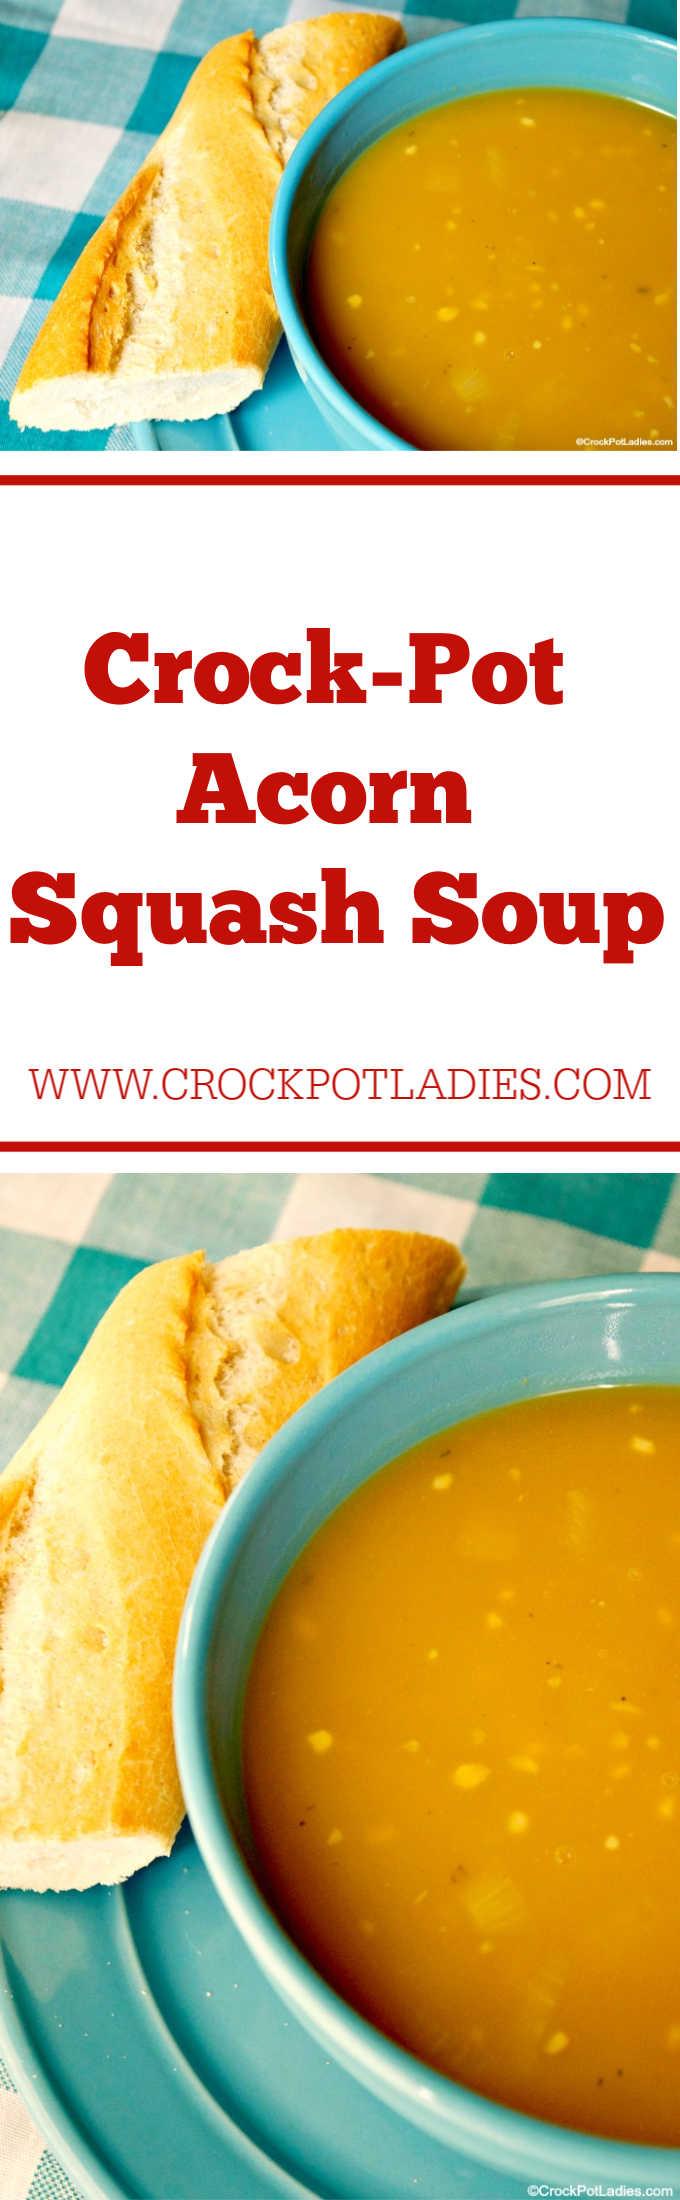 Crock-Pot Acorn Squash Soup